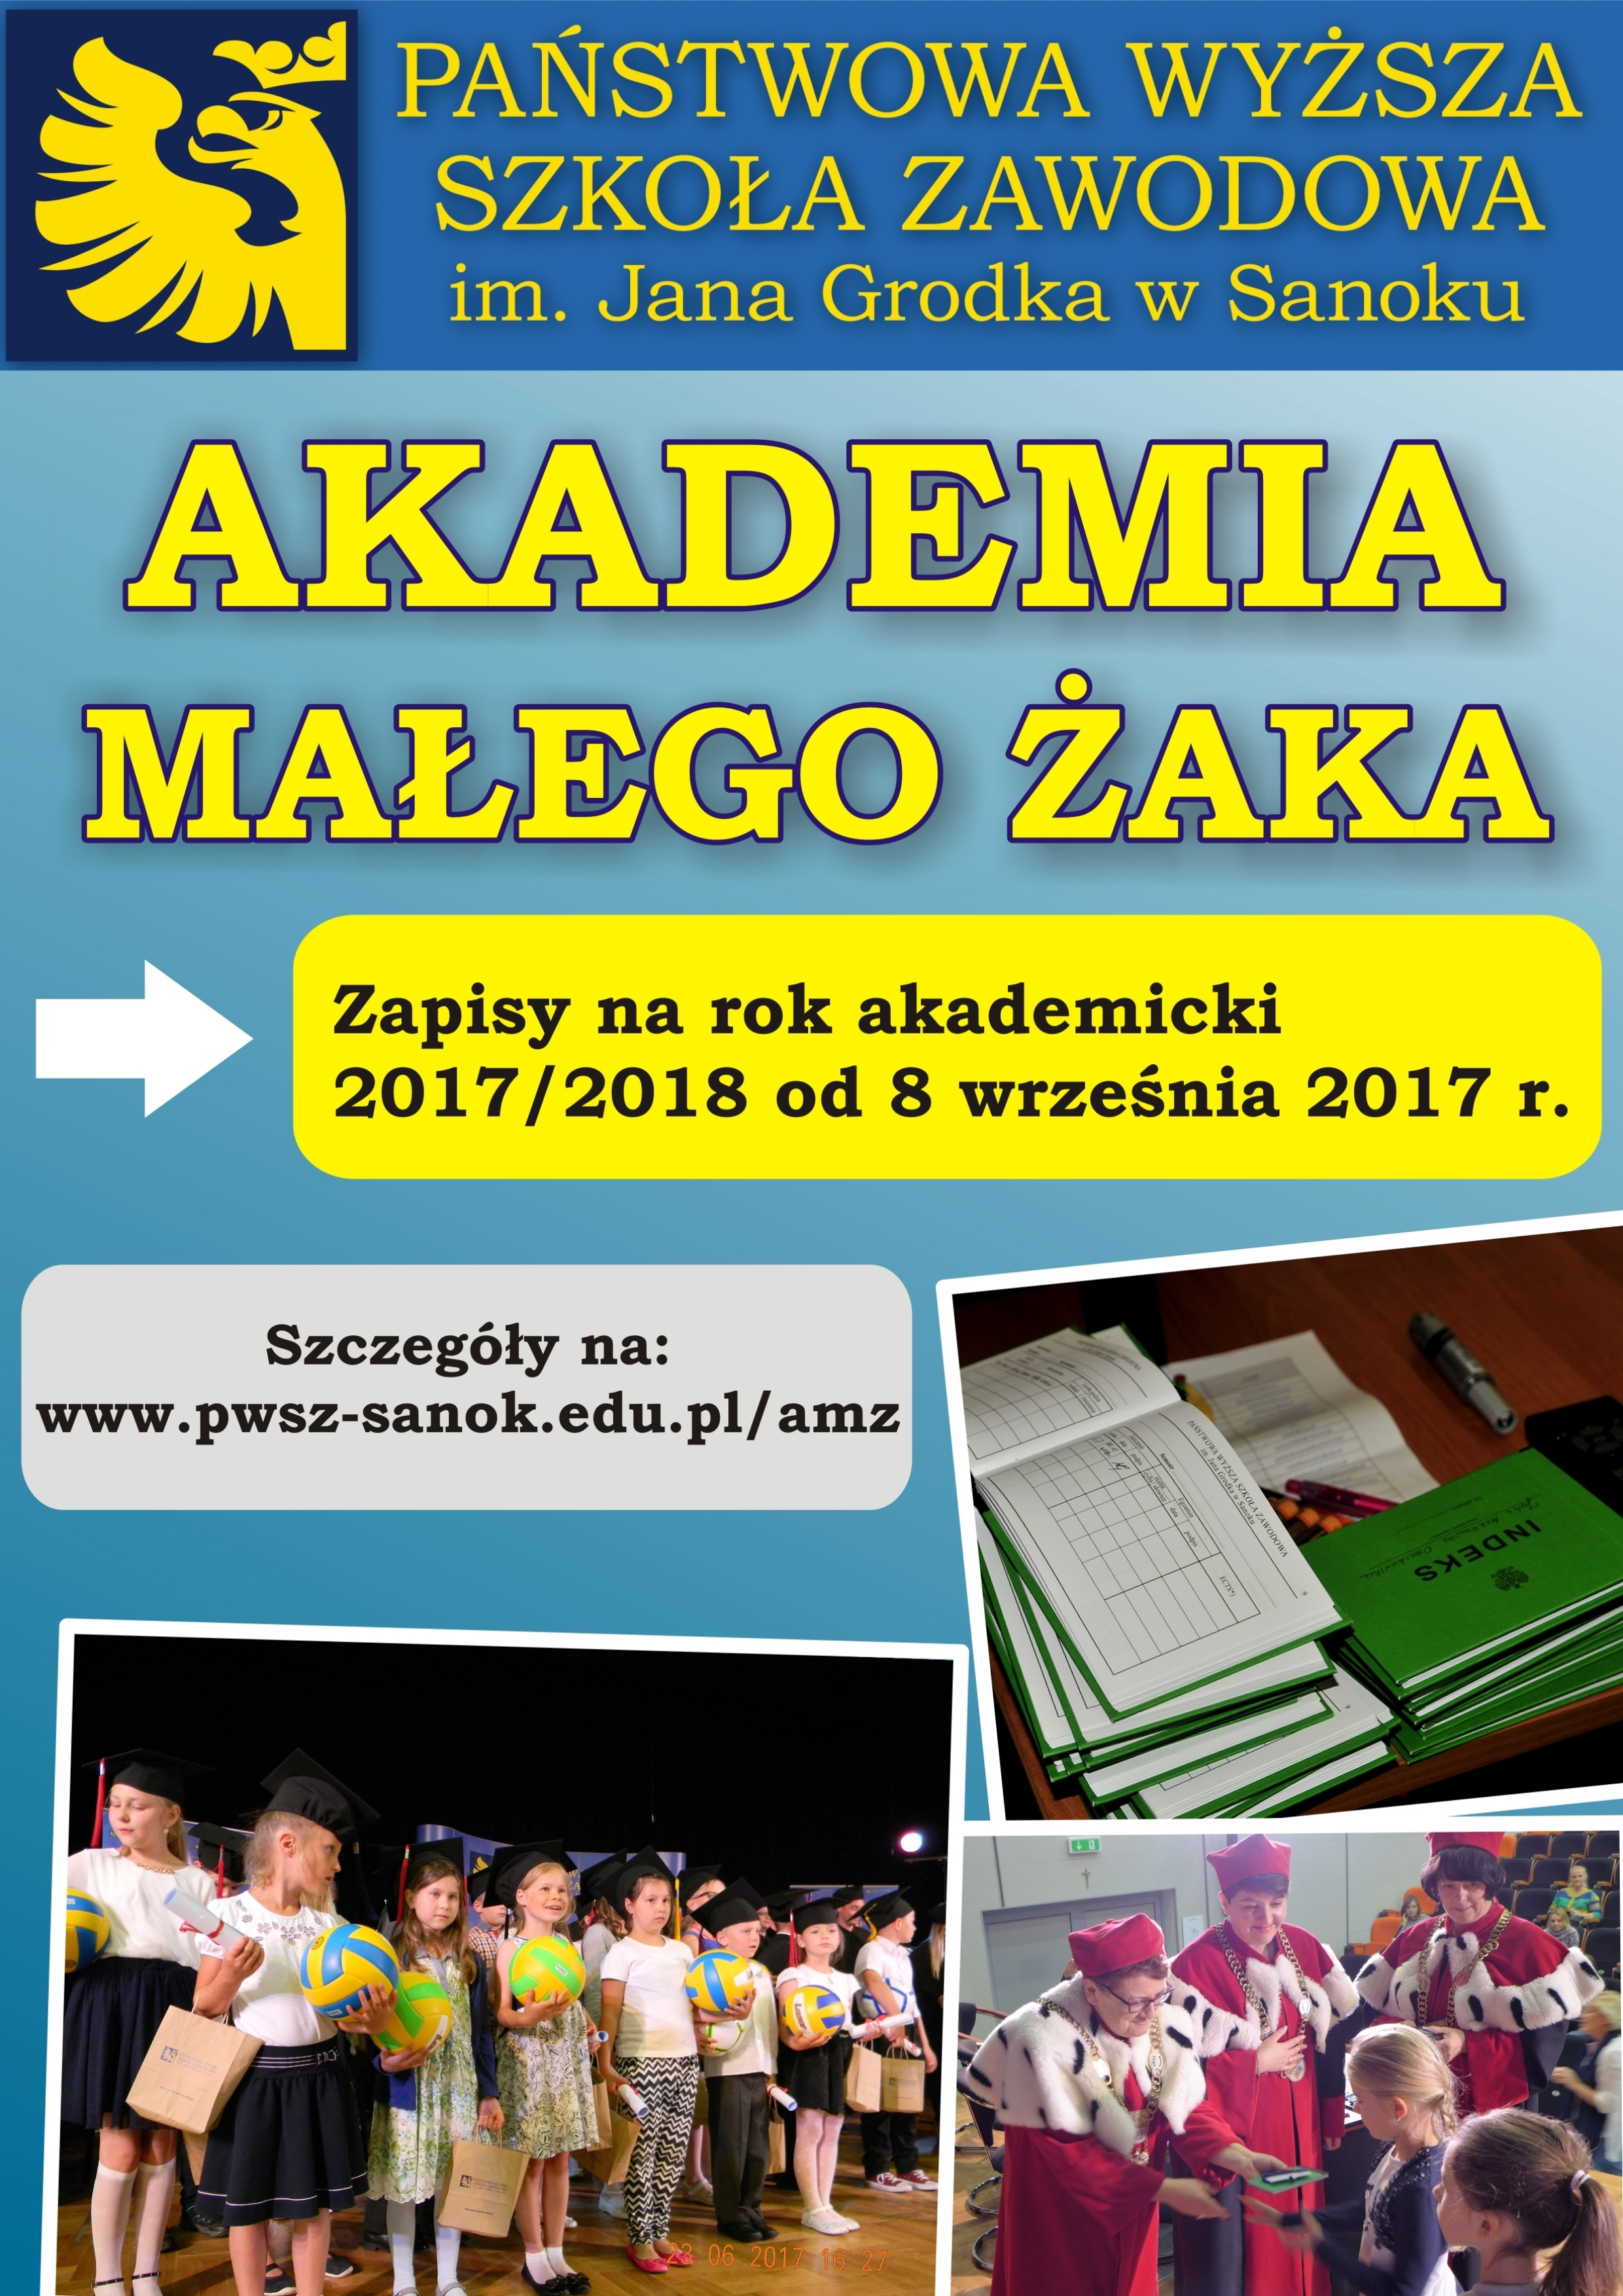 Akademia Małego Żaka 2017 plakat